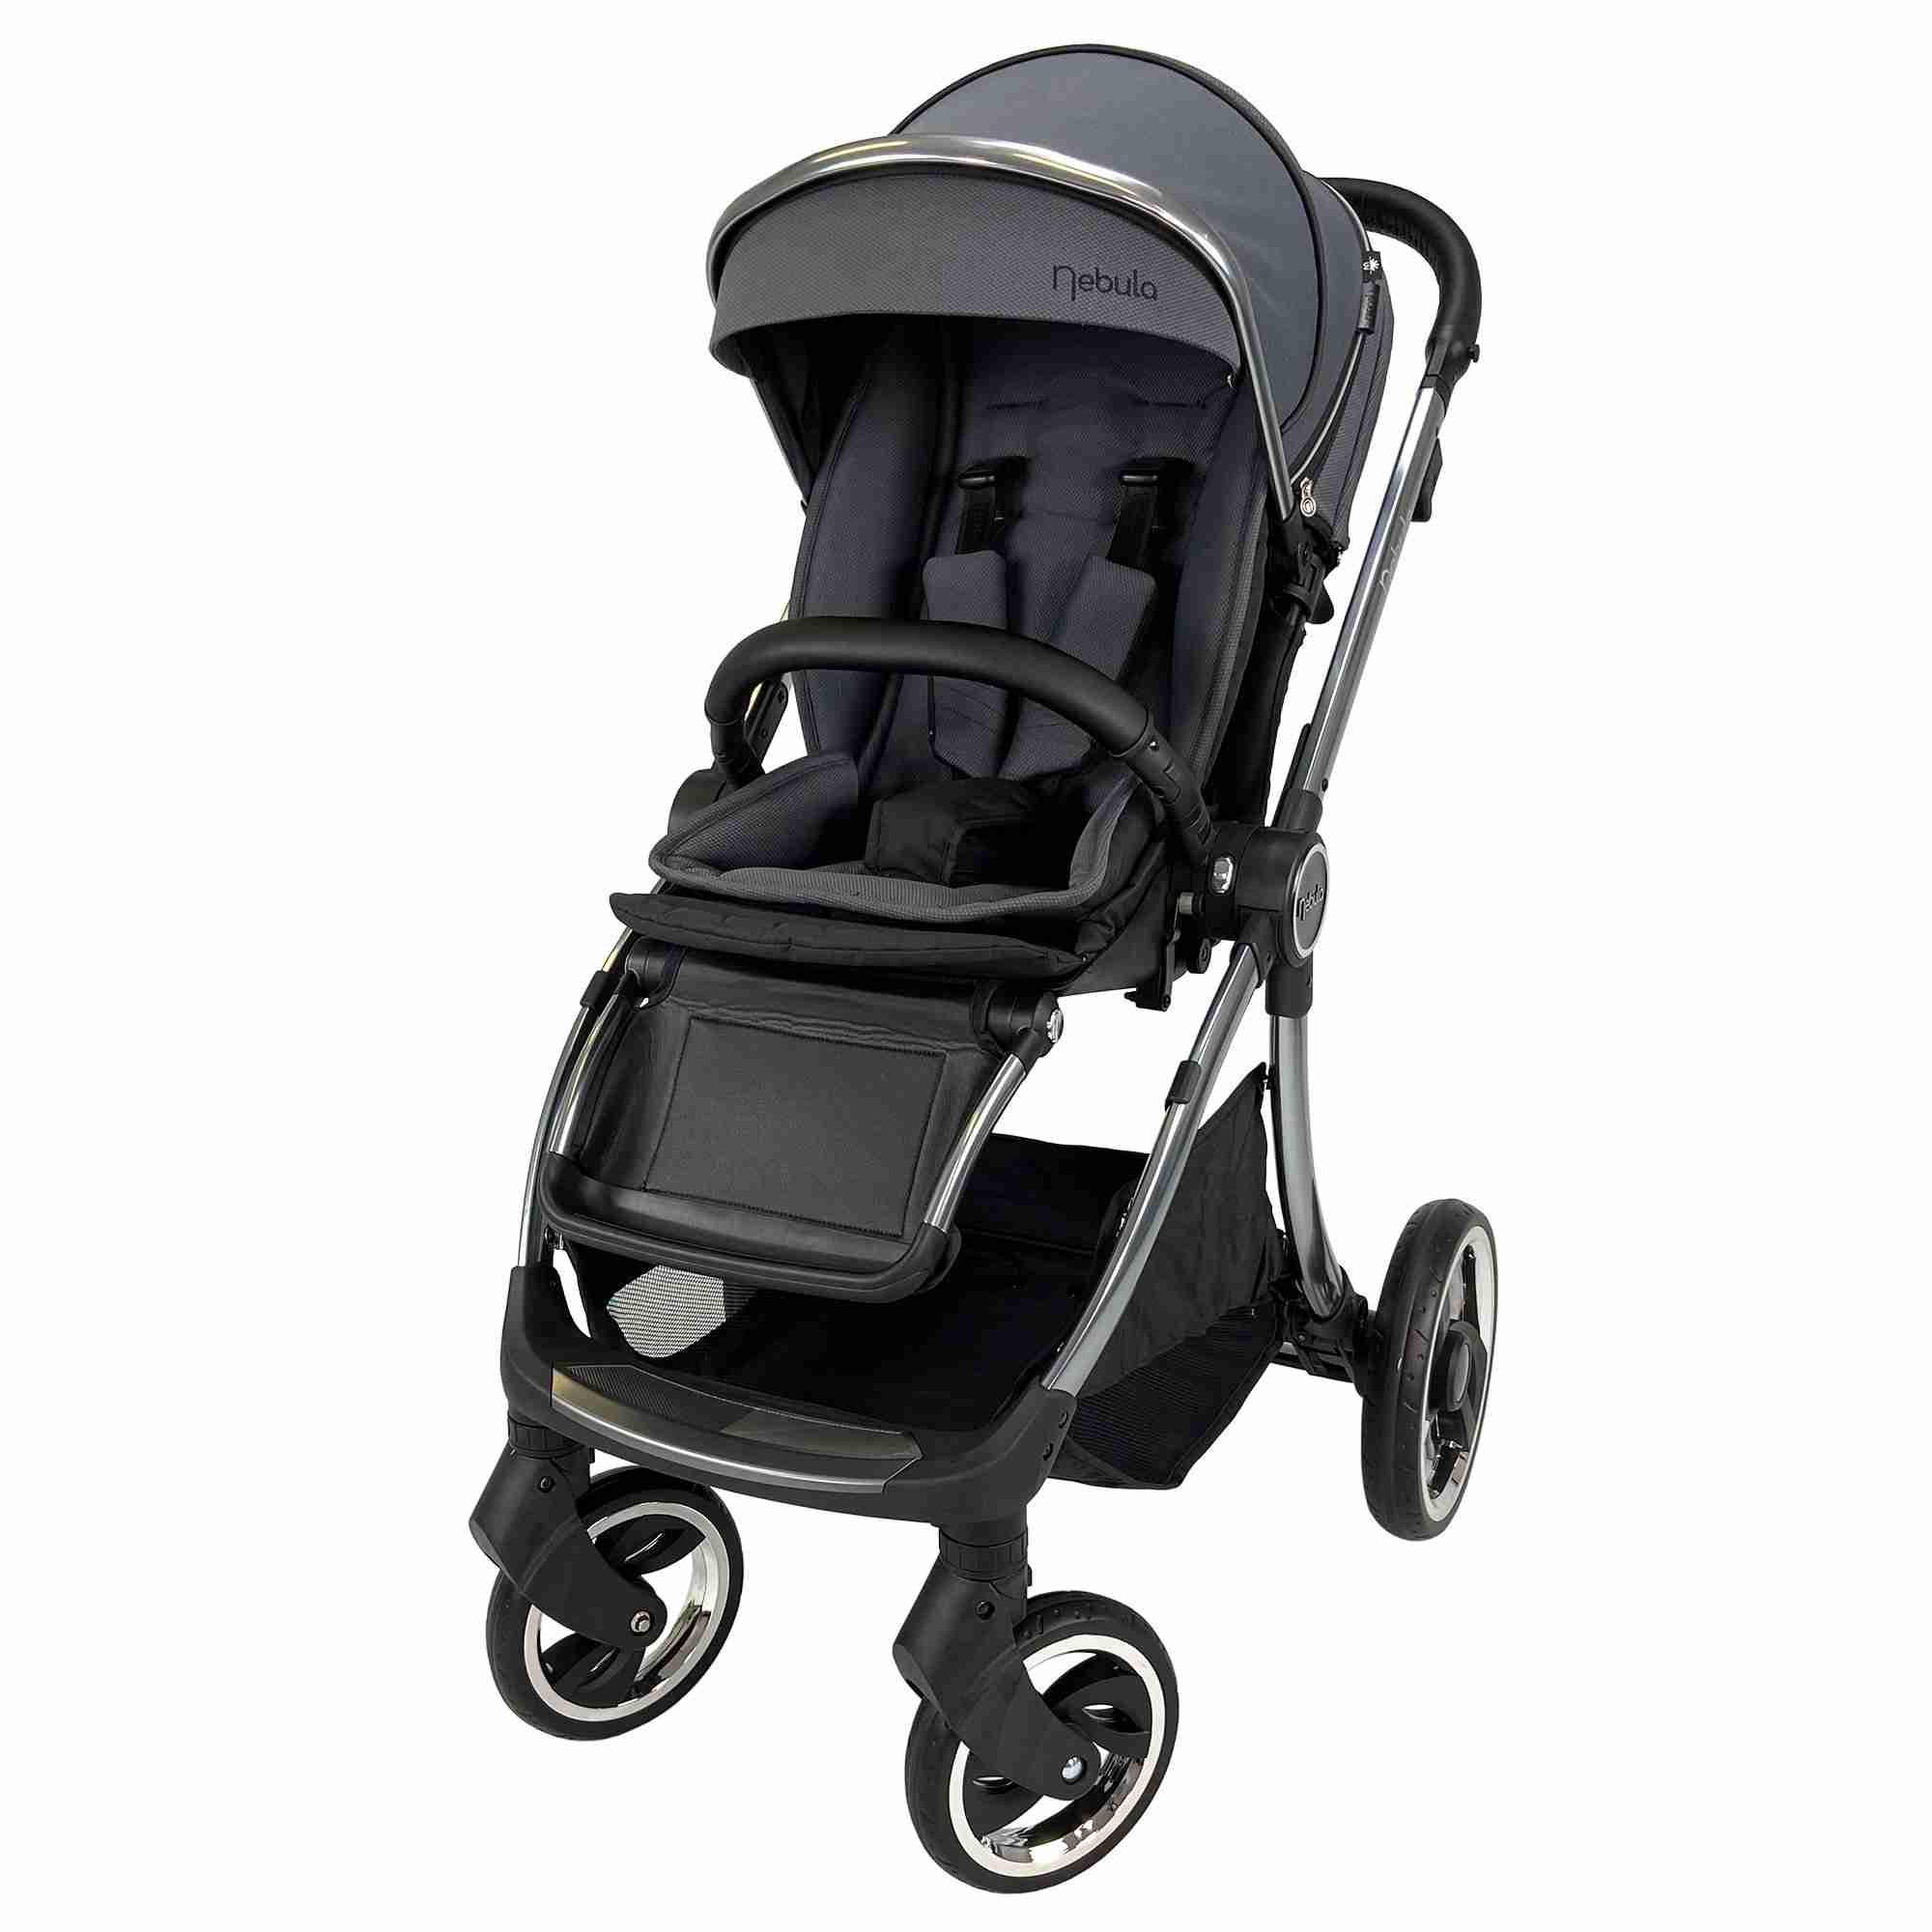 Venture Nebula Metro Grey baby pushchair in world facing mode.